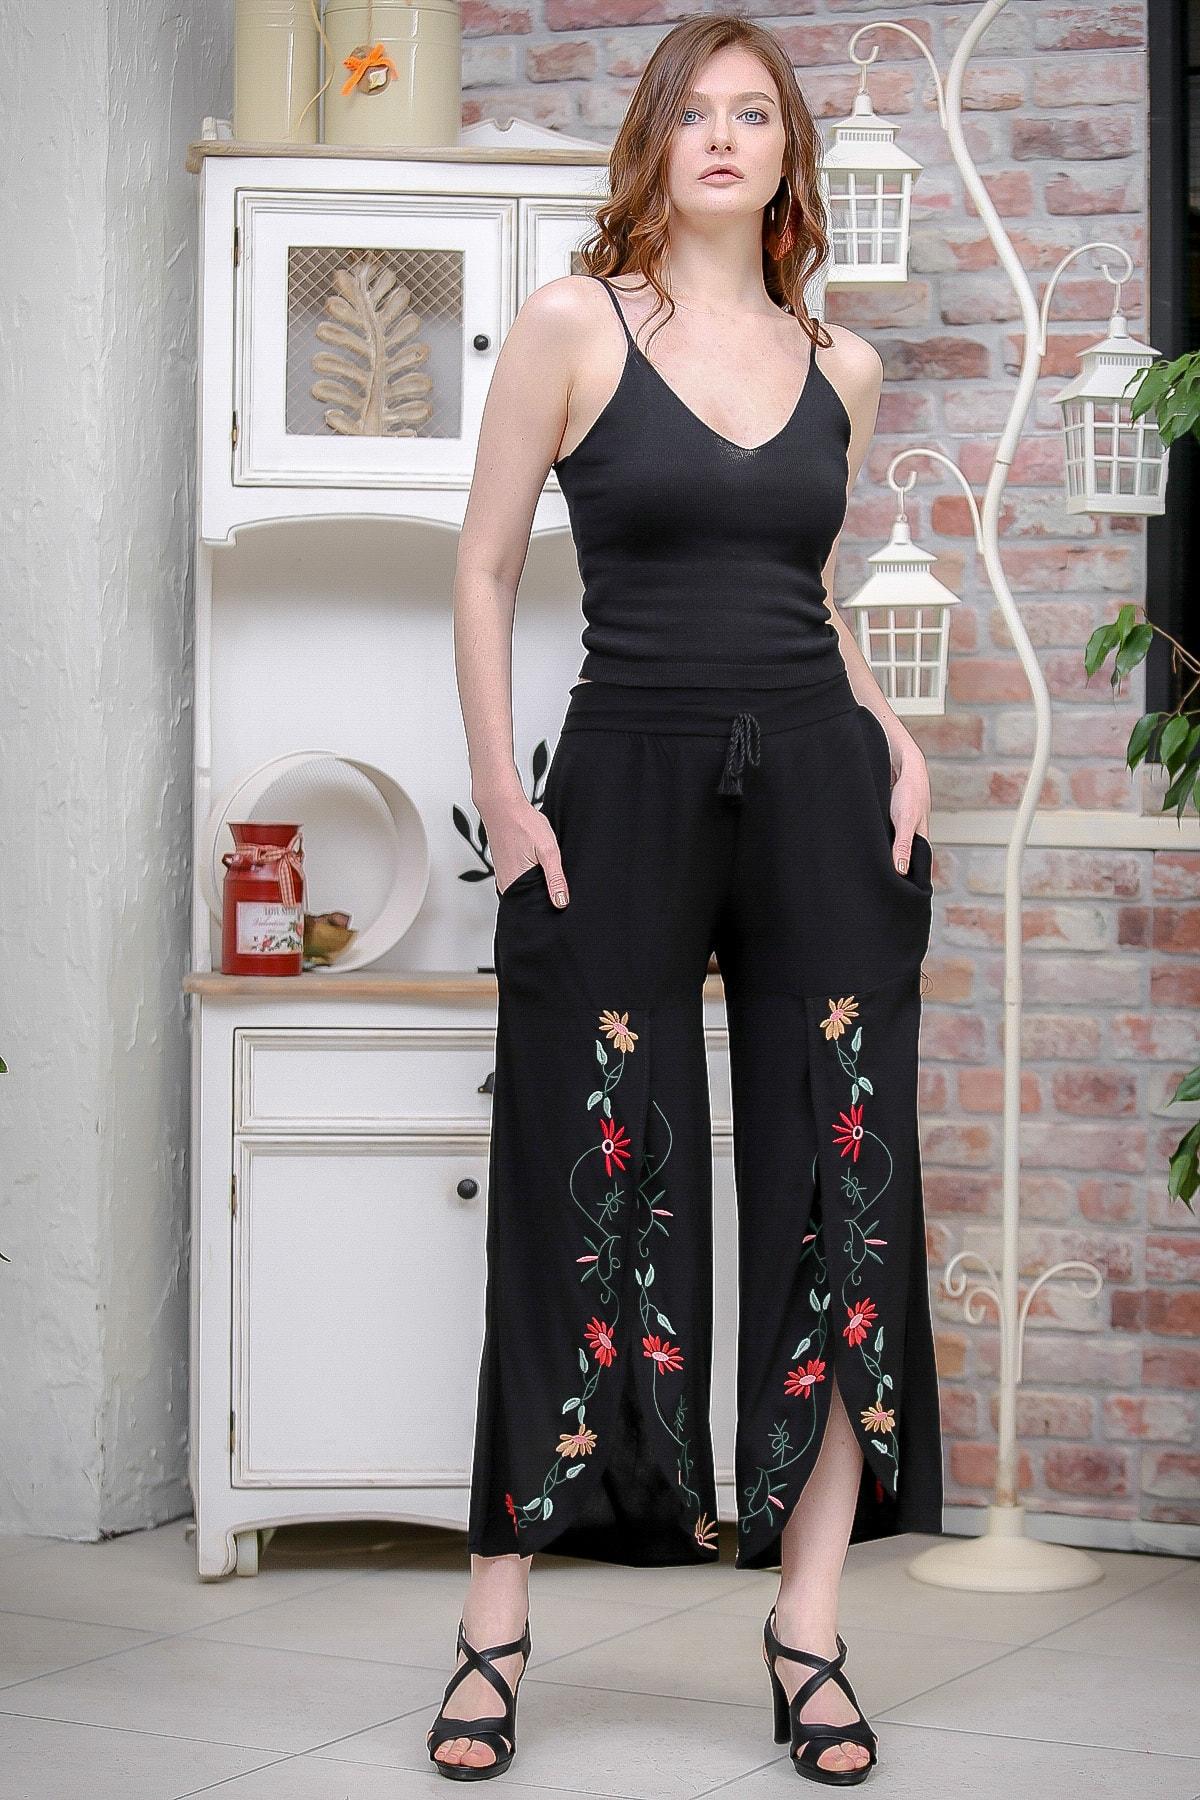 Chiccy Kadın Siyah Vintage Dev Yırtmaçlı Çiçek Nakış Detaylı Pantolon M10060000PN99179 1